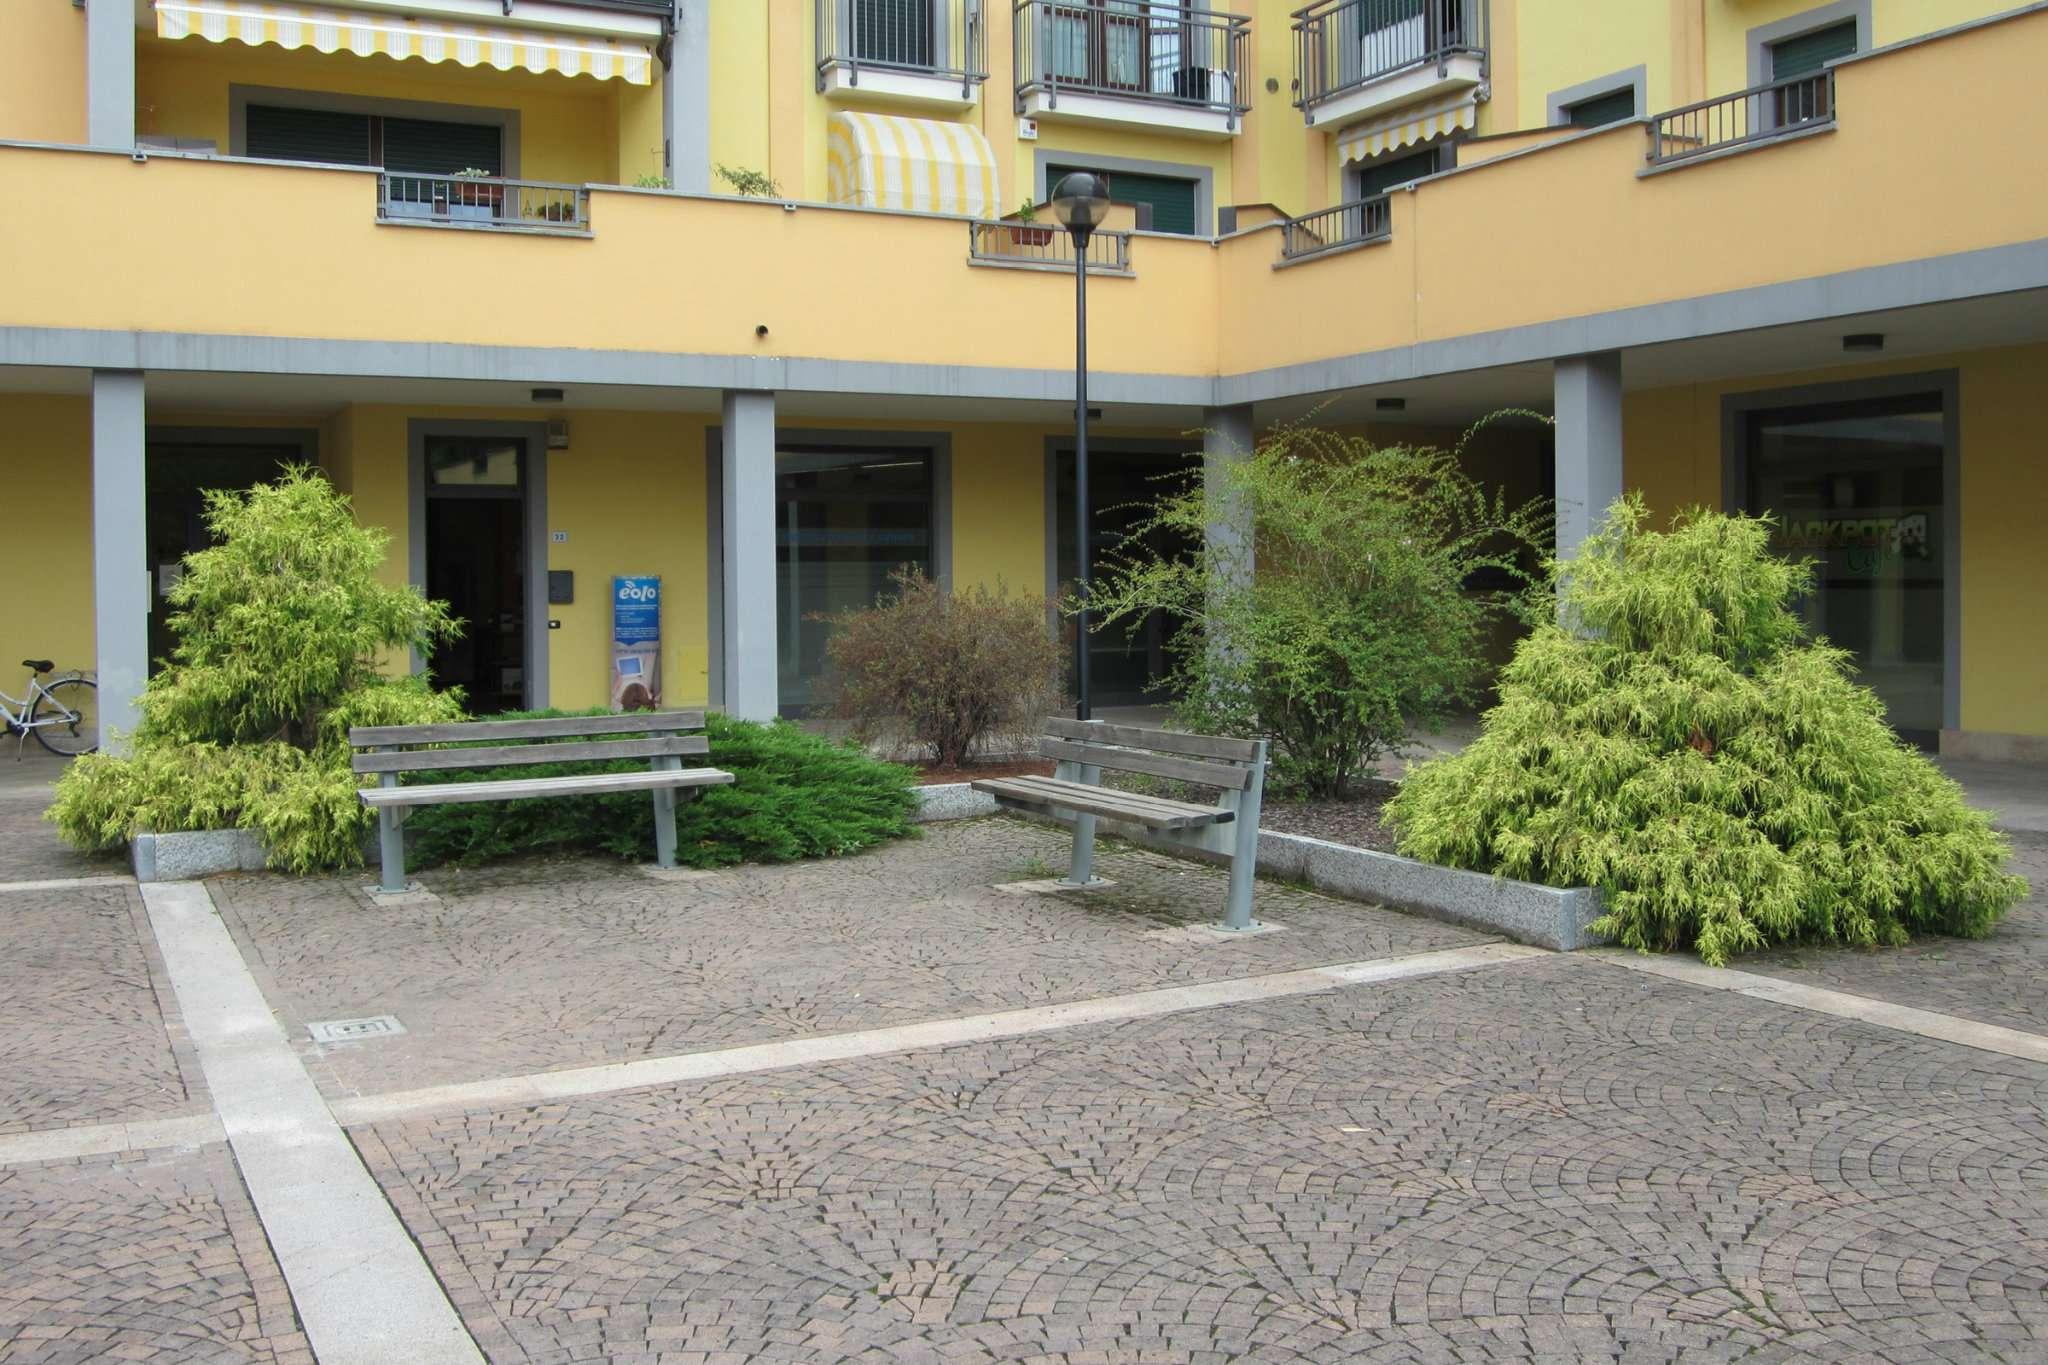 Negozio / Locale in affitto a Somma Lombardo, 1 locali, prezzo € 600 | CambioCasa.it